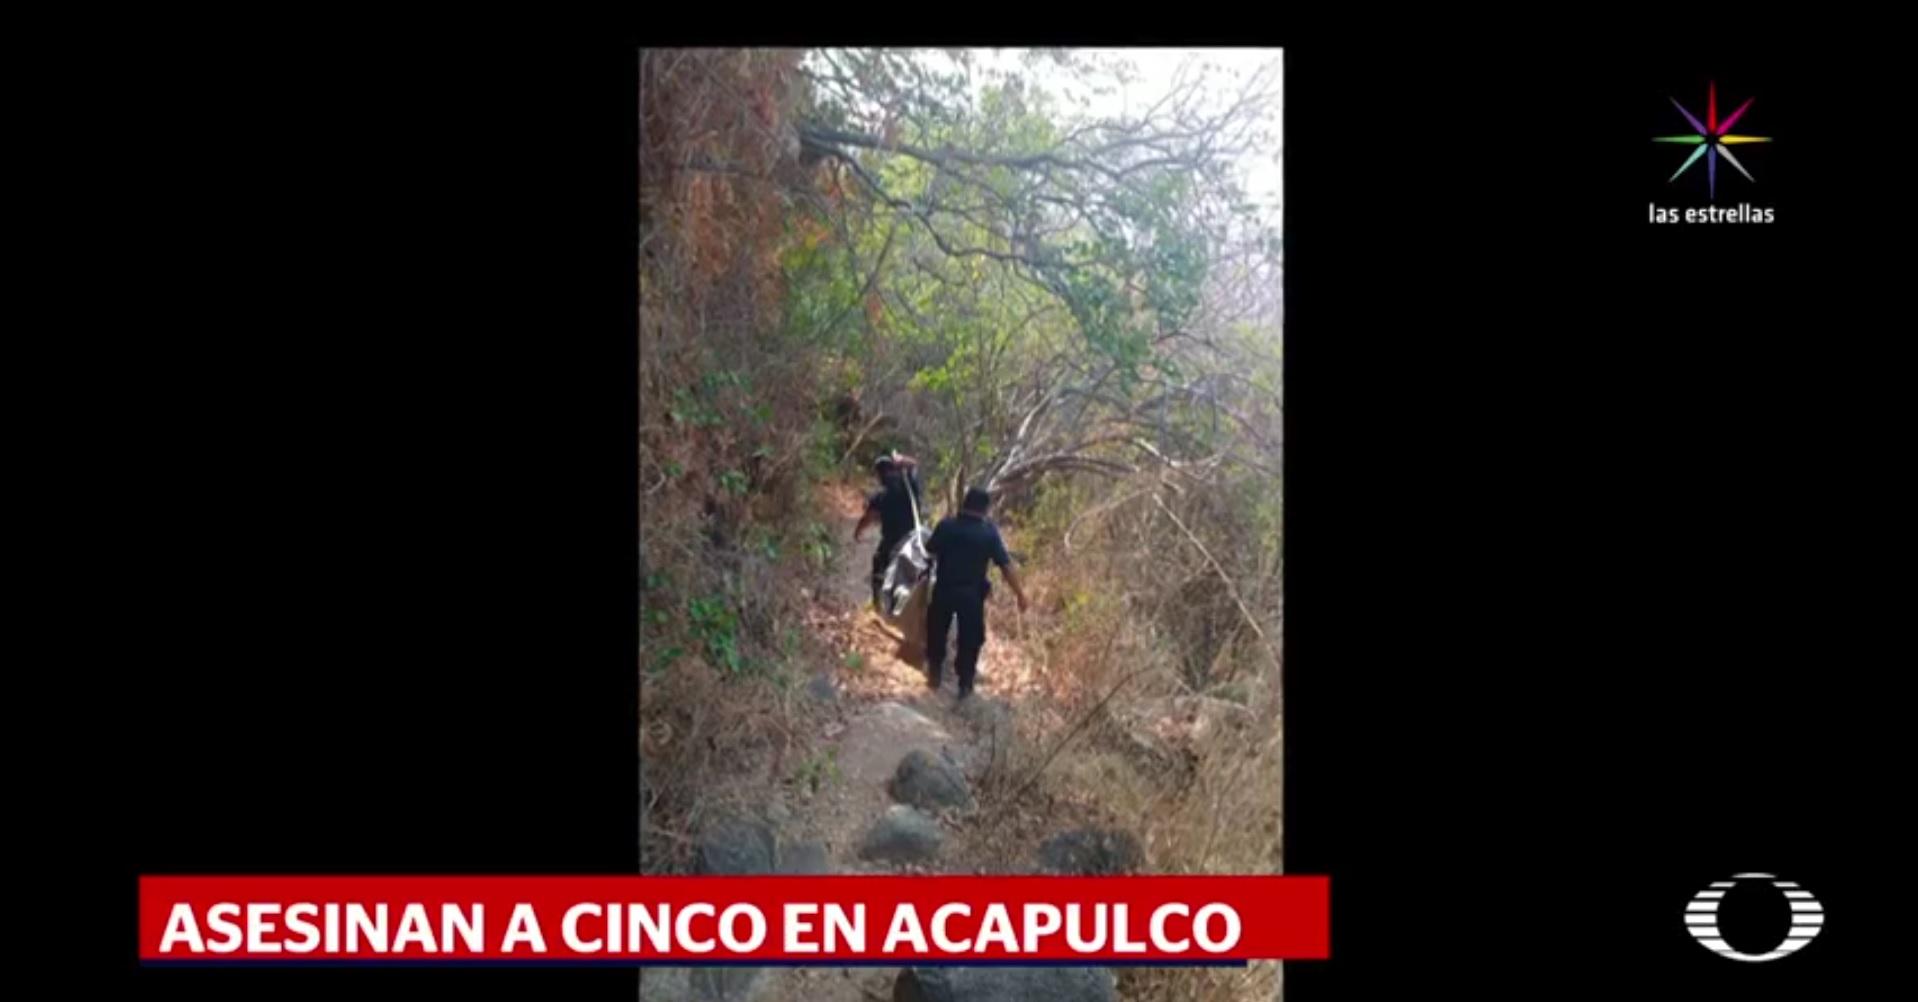 Encuentran fosa con 4 cuerpos en Acapulco